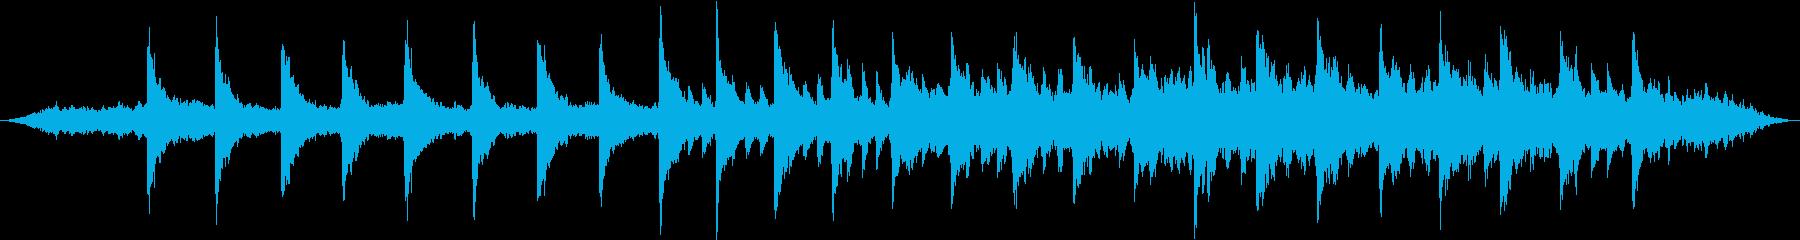 インターステラー風壮大なピアノBGMの再生済みの波形